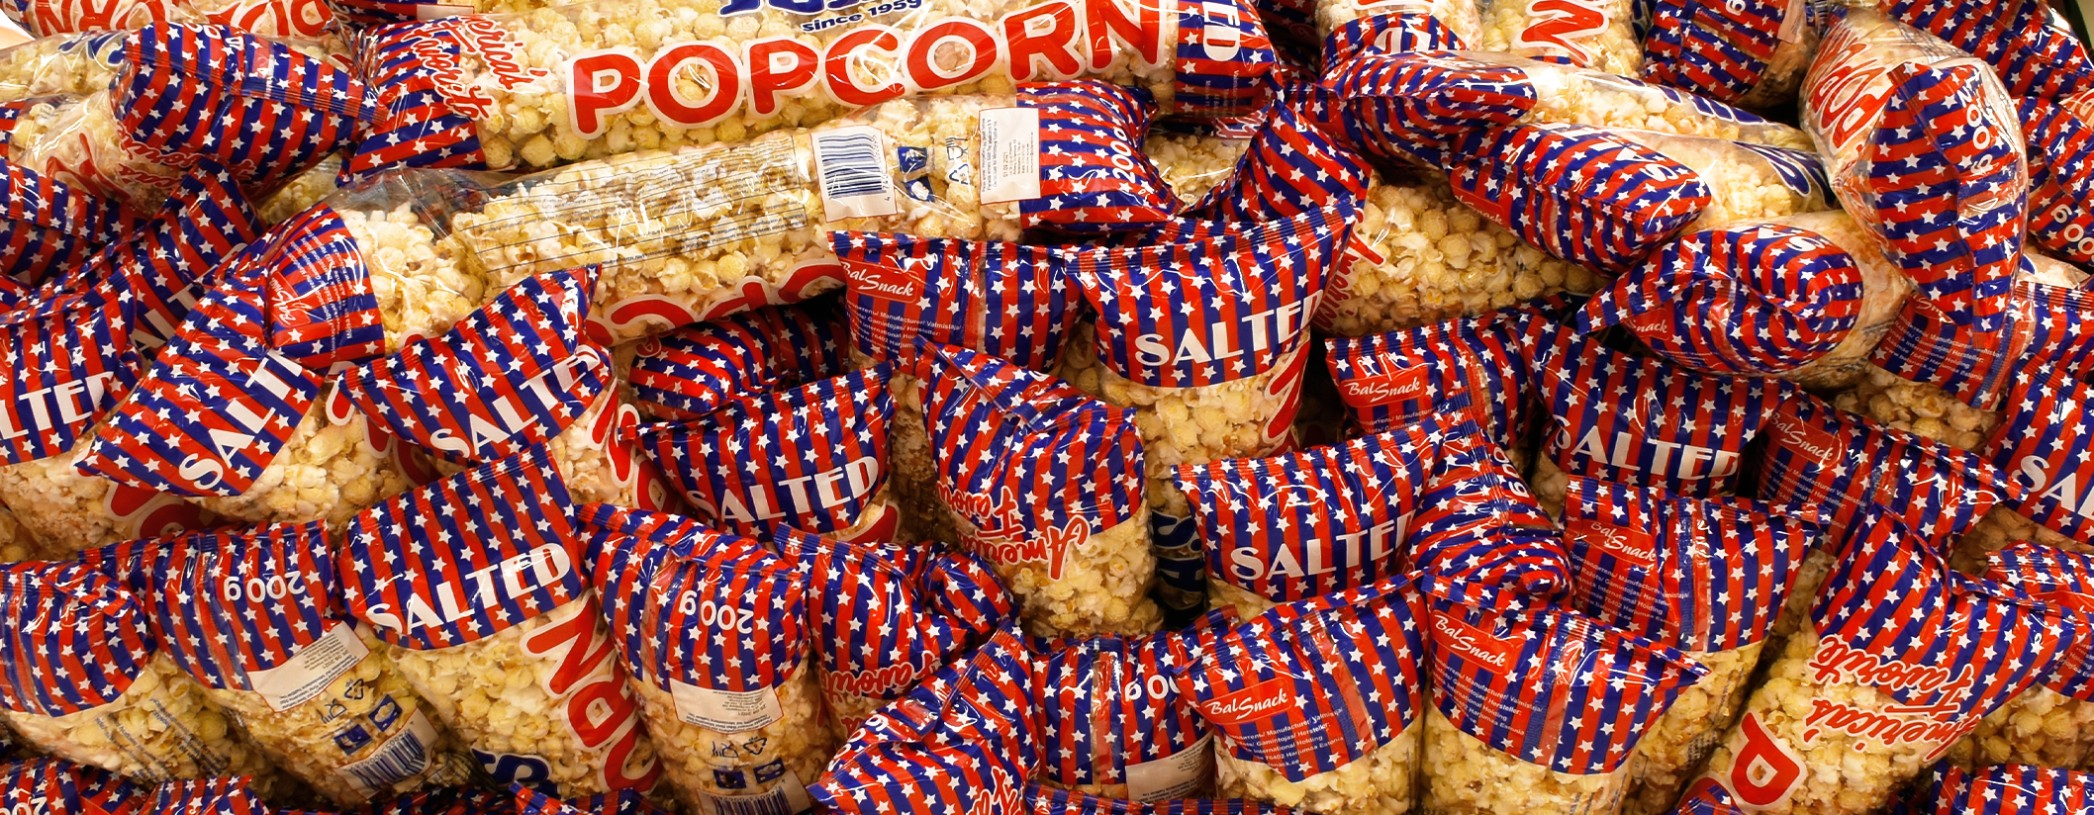 desktop_2116x824_popcorn_1.jpg